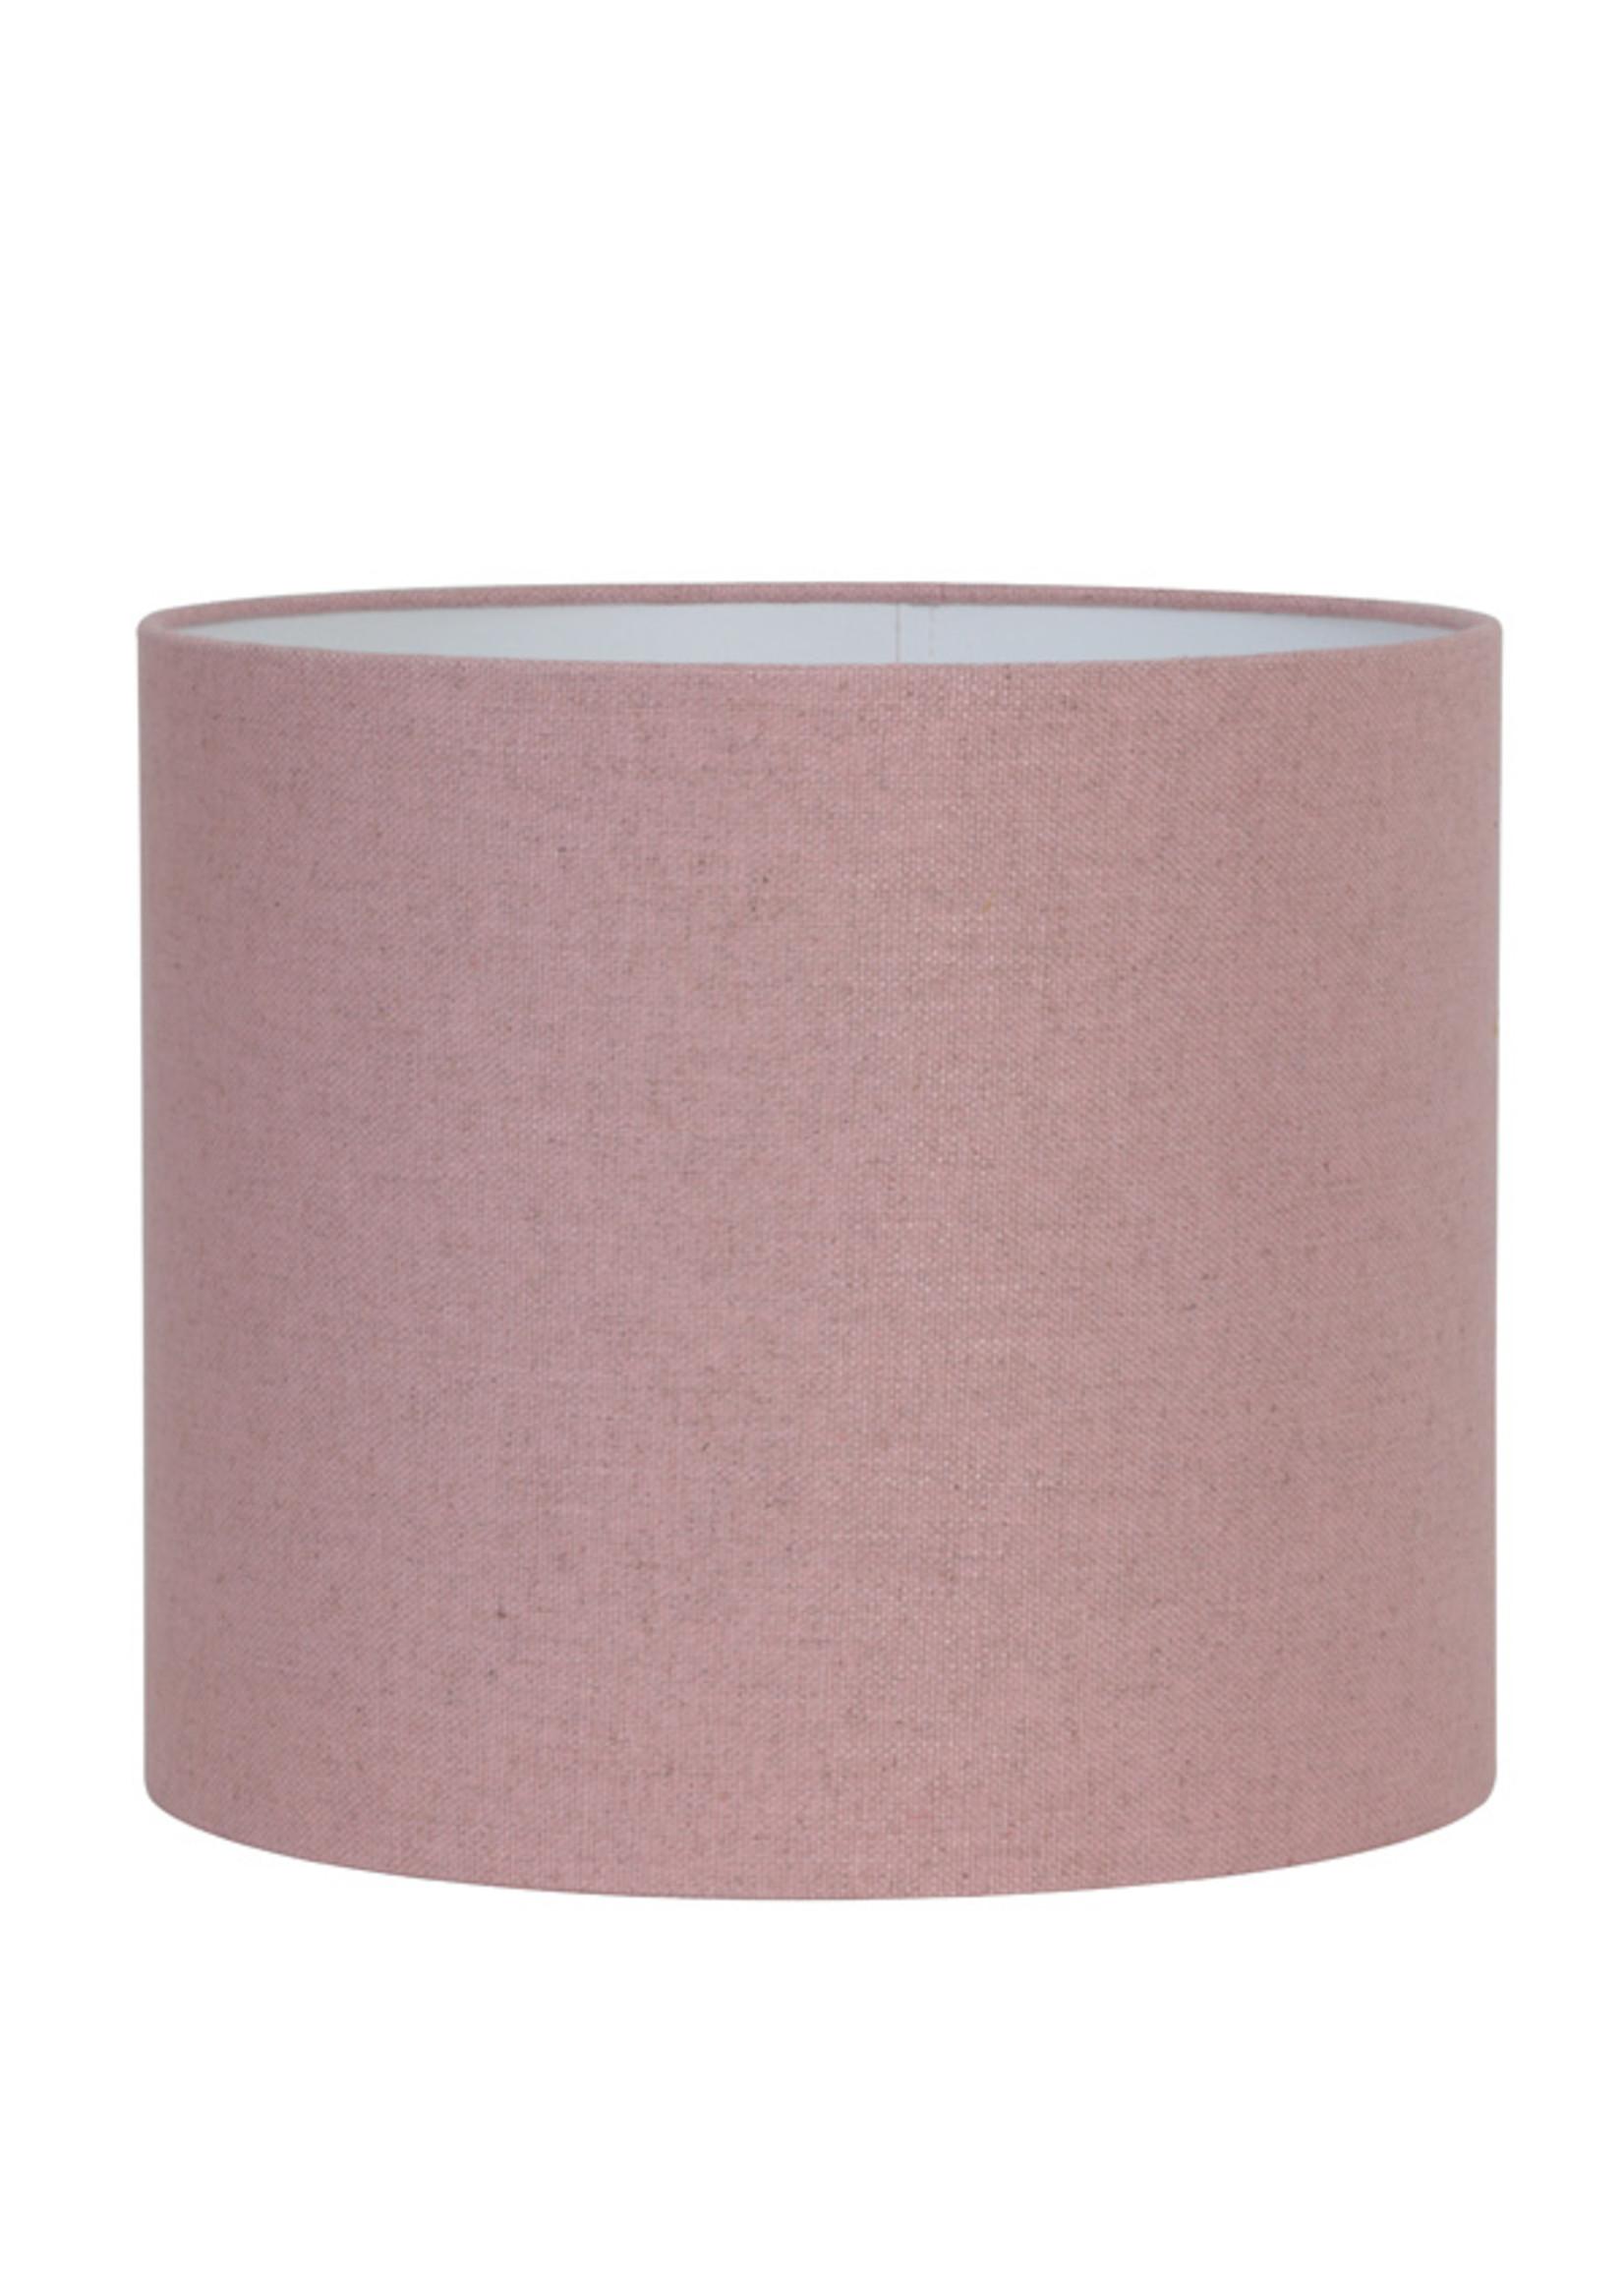 Light & Living Kap cilinder 35-35-30 cm LIVIGNO roze